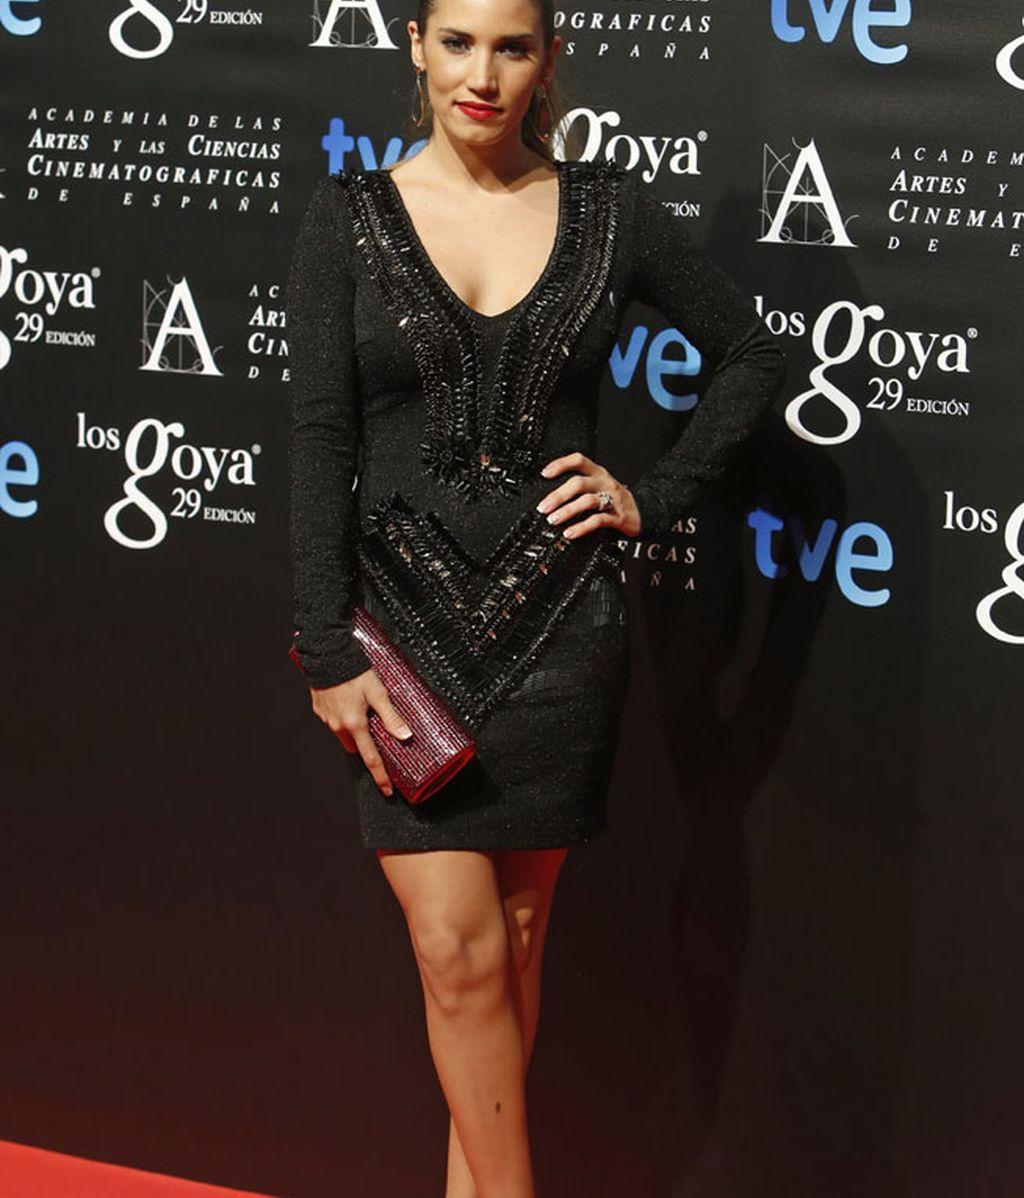 La cantante India Martínez con mini vestido negro